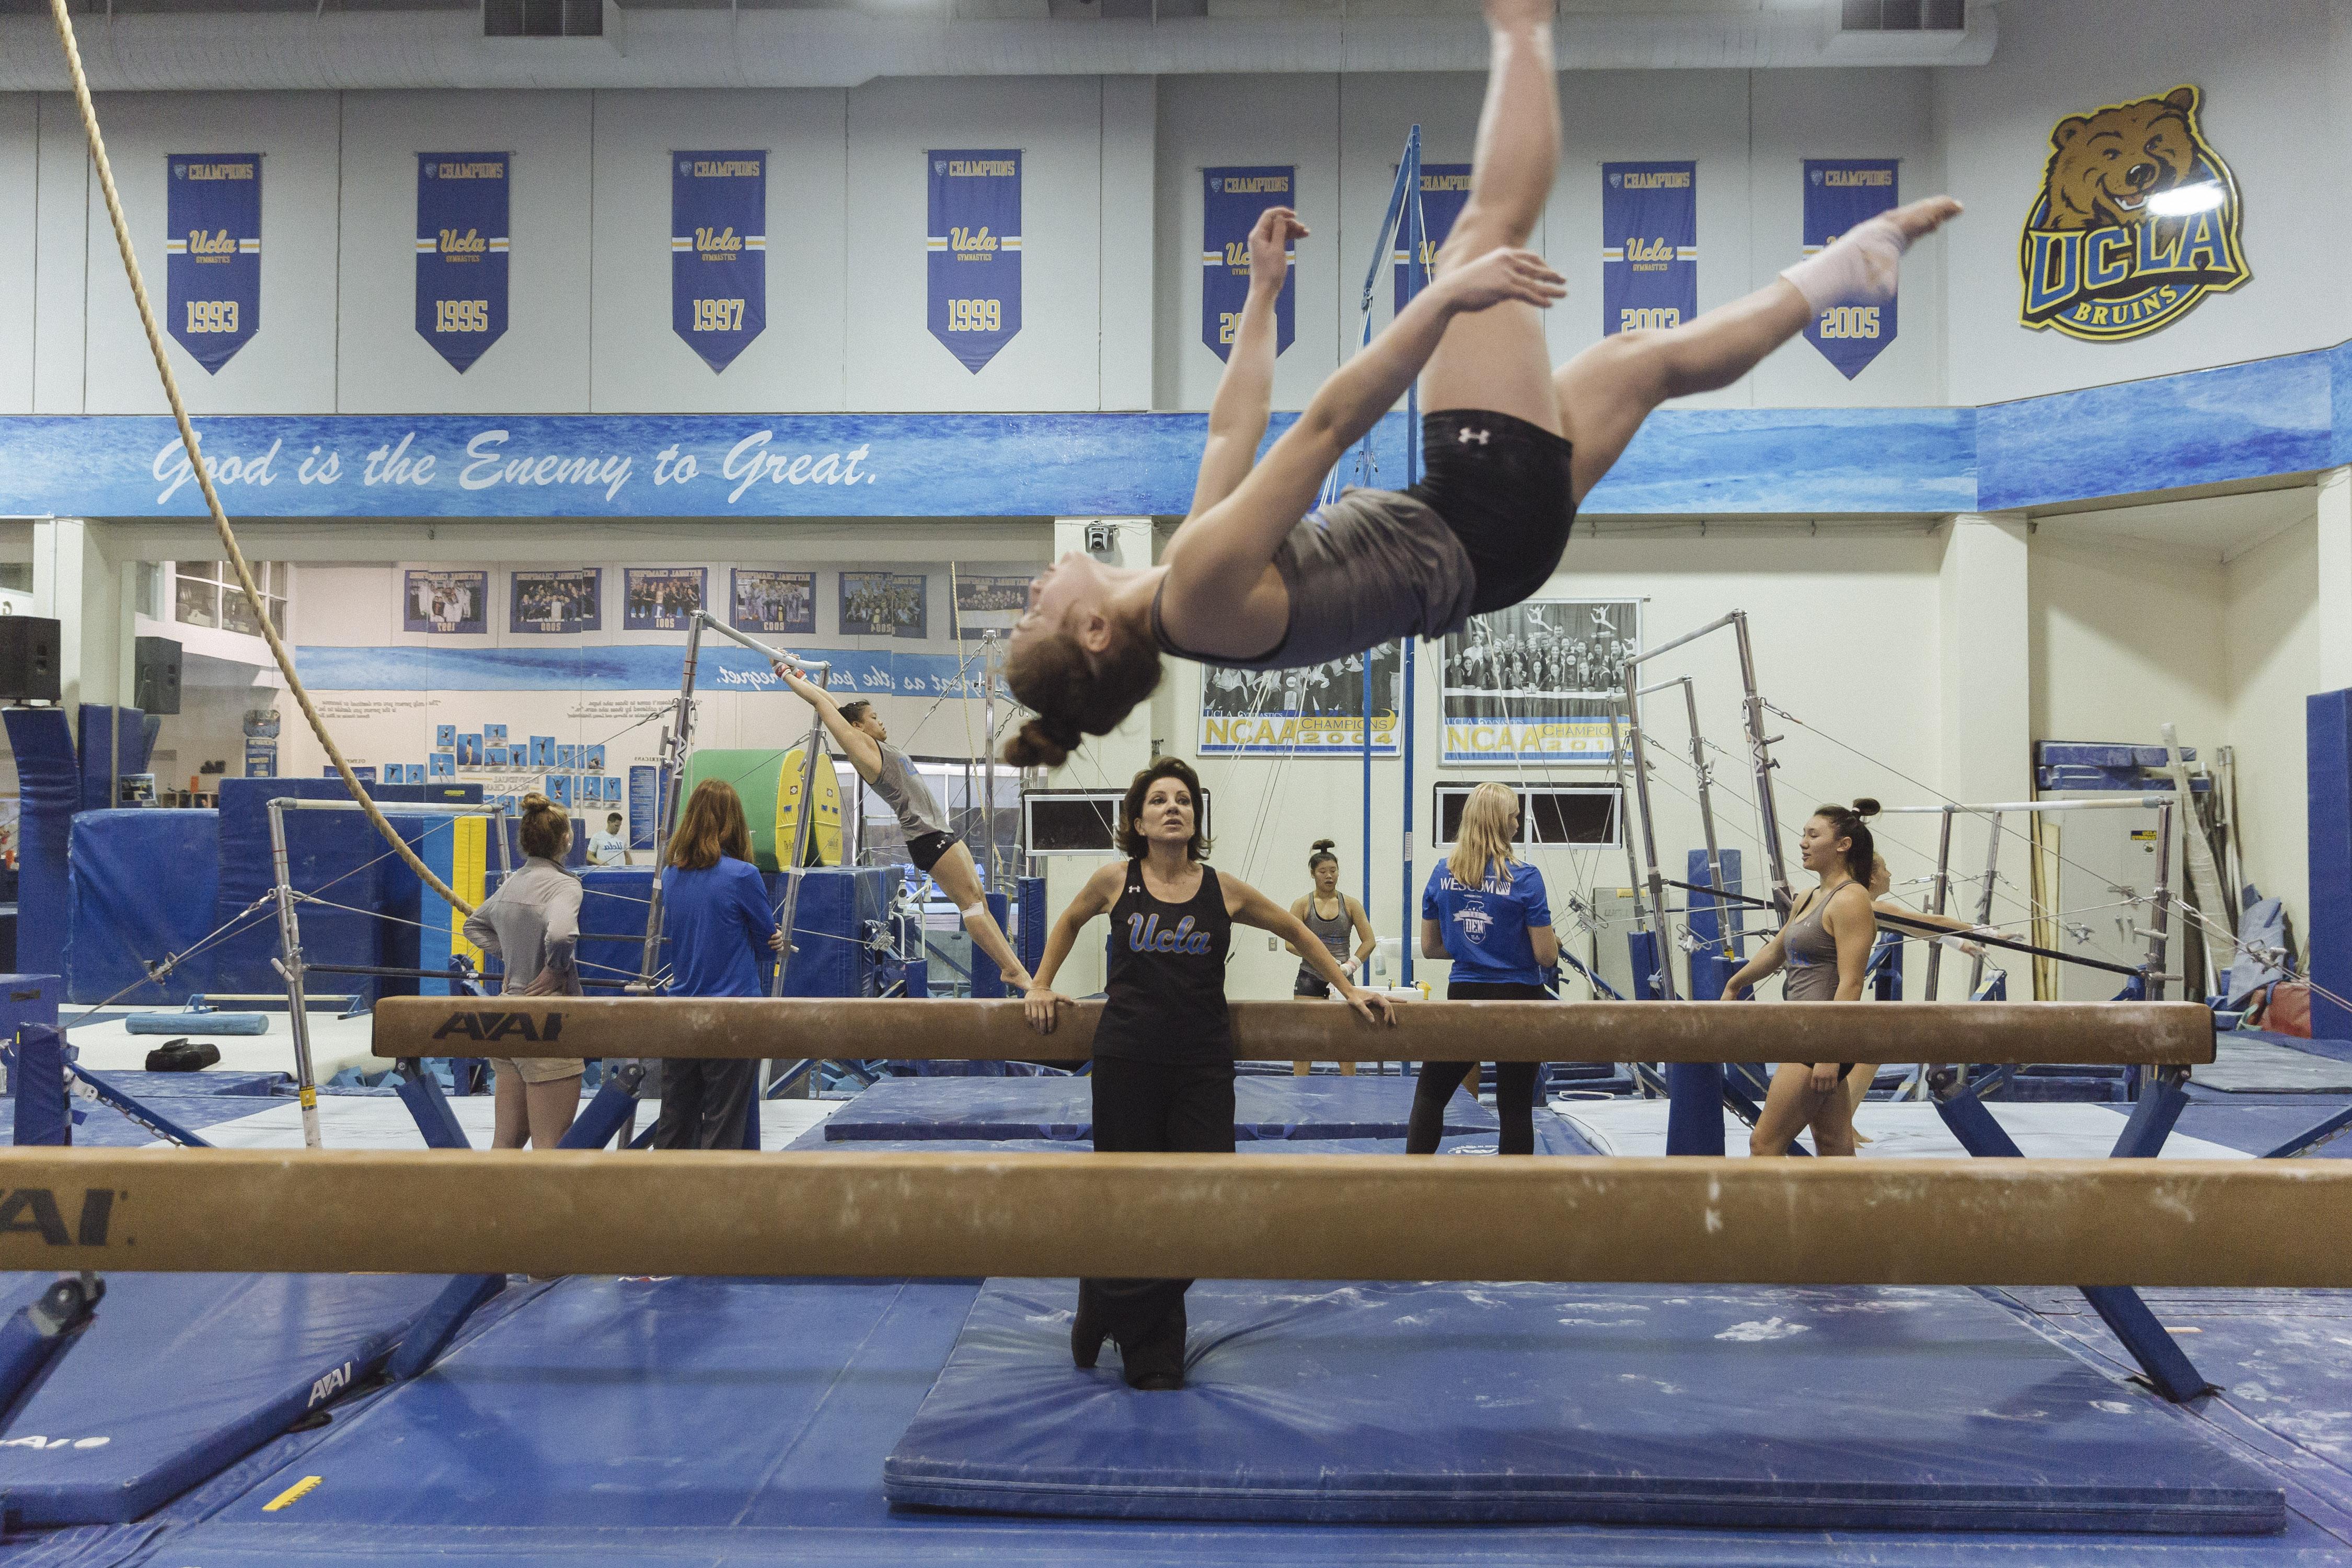 Valorie Kondos Field, Miss Val, supervisa la rutina de una de las gimnastas de la Universidad de California, campus Los Ángeles (UCLA). Foto: Kayla Reefer para The New York Times